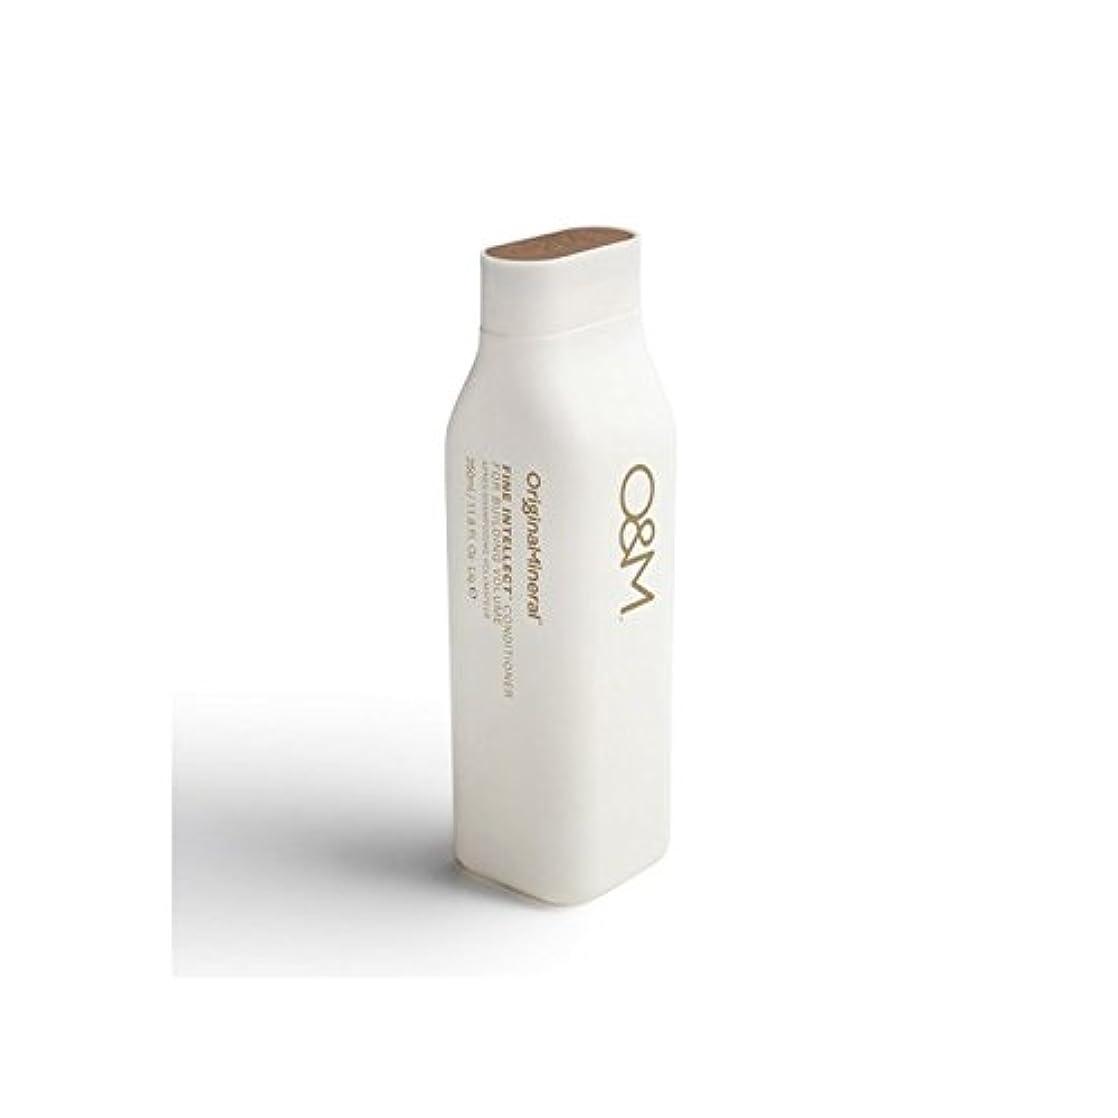 ドラム極貧止まるOriginal & Mineral Fine Intellect Conditioner (350ml) - オリジナル&ミネラル細かい知性コンディショナー(350ミリリットル) [並行輸入品]